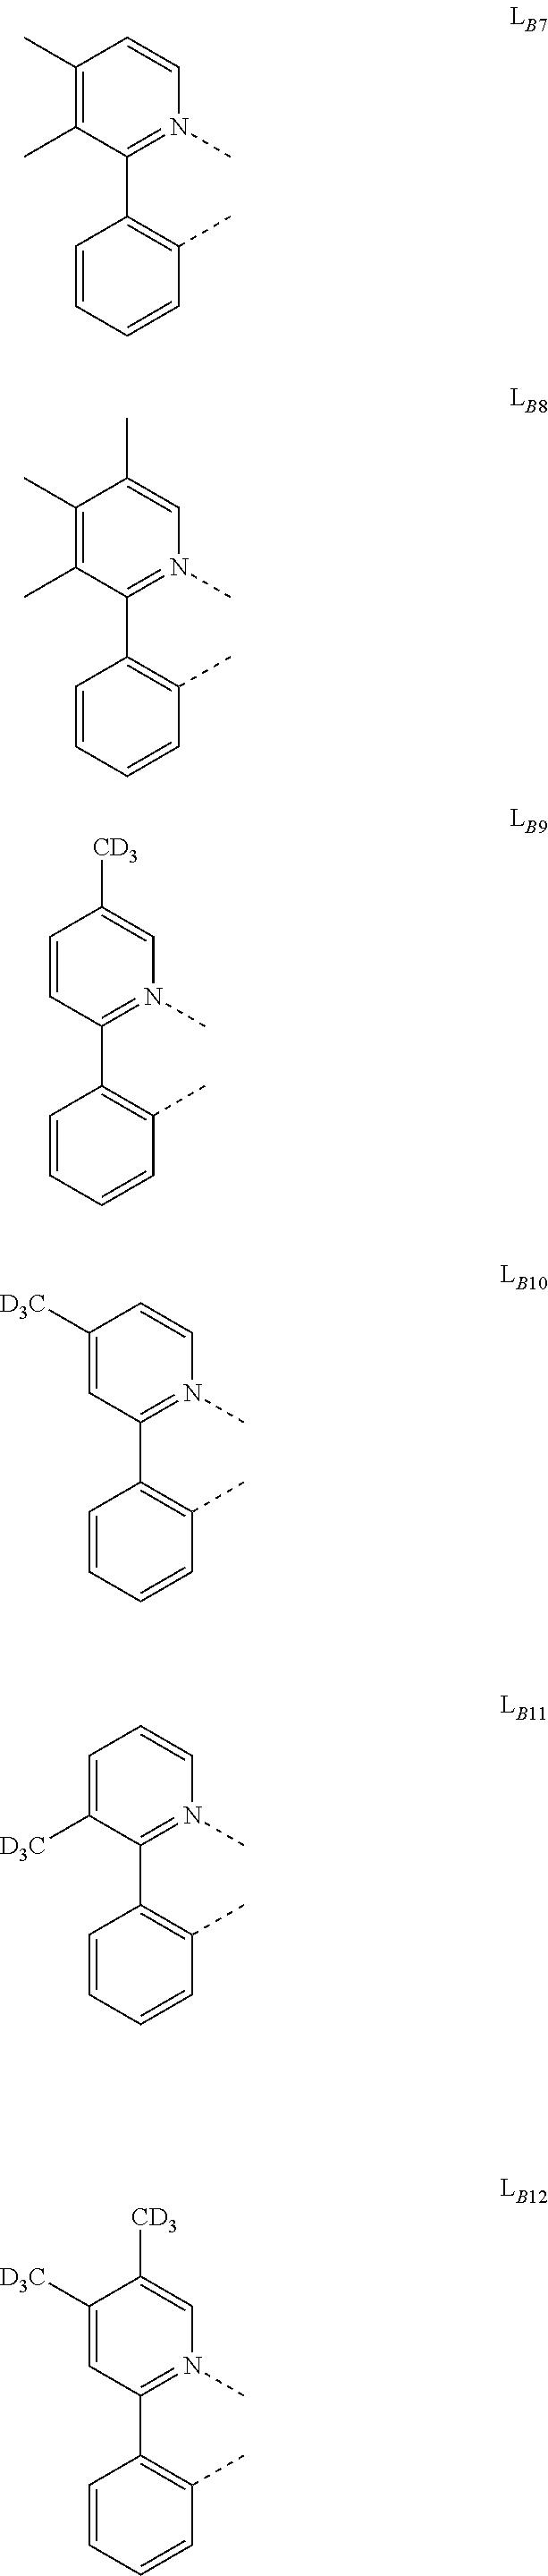 Figure US20180130962A1-20180510-C00262